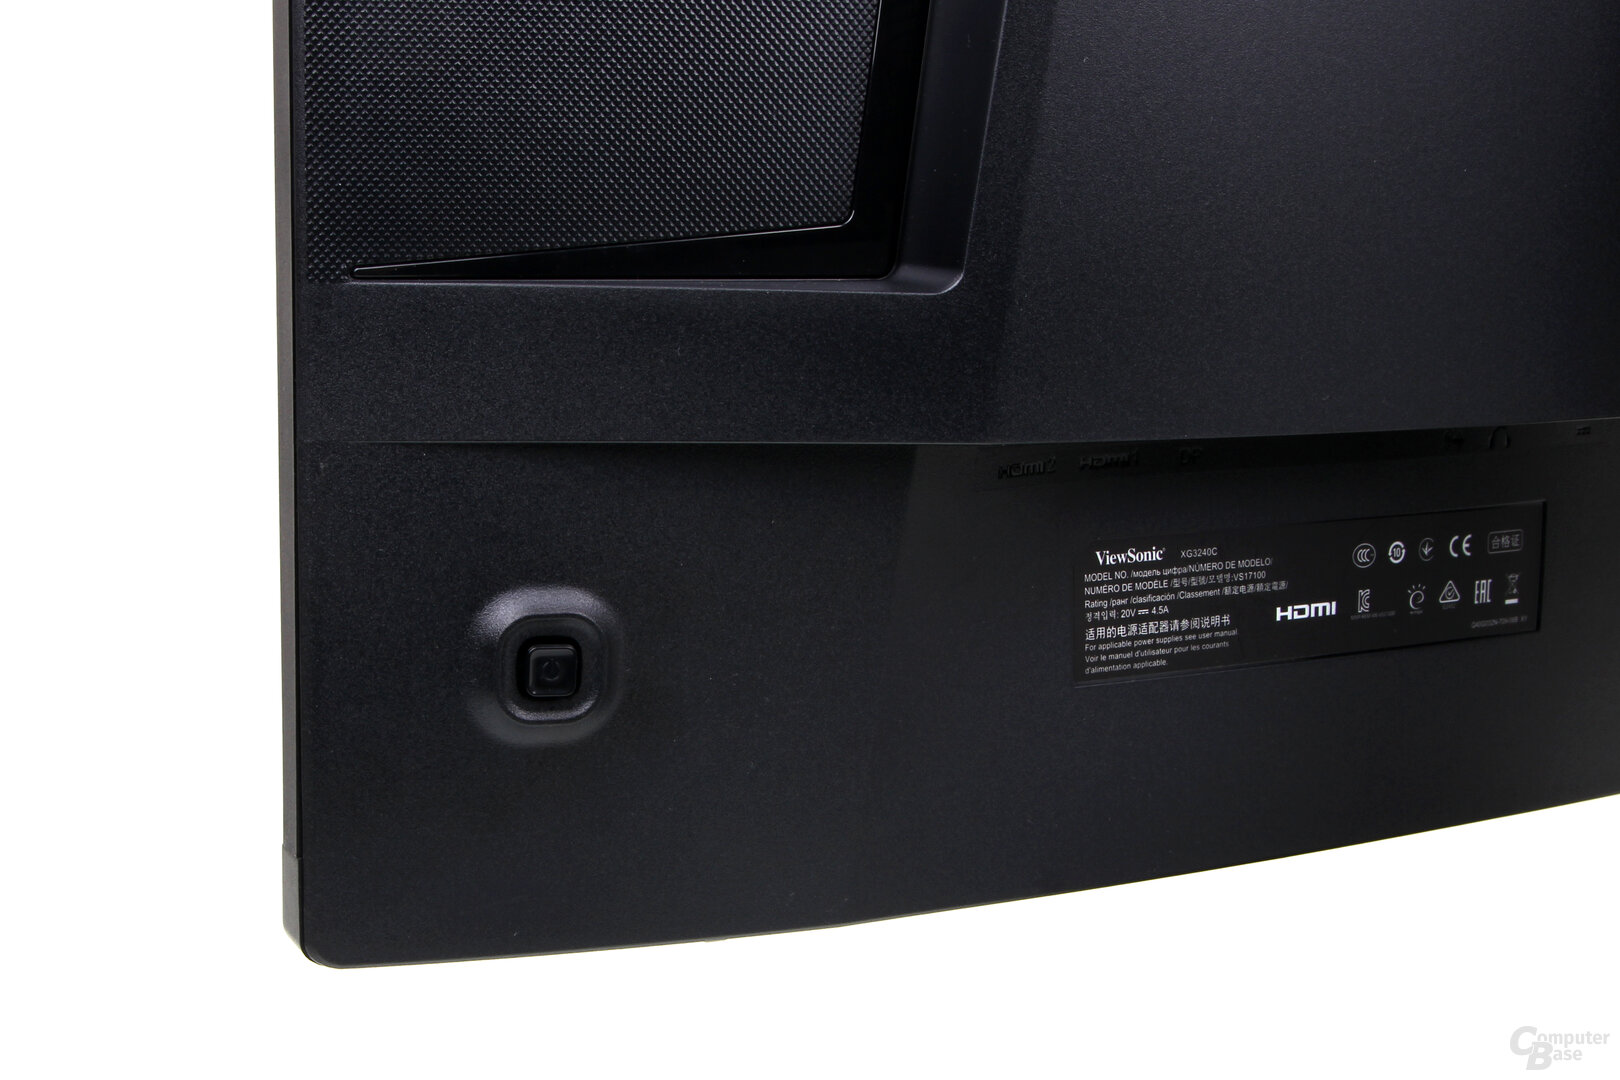 ViewSonic XG3240C – Joystick zur Steuerung des OSD